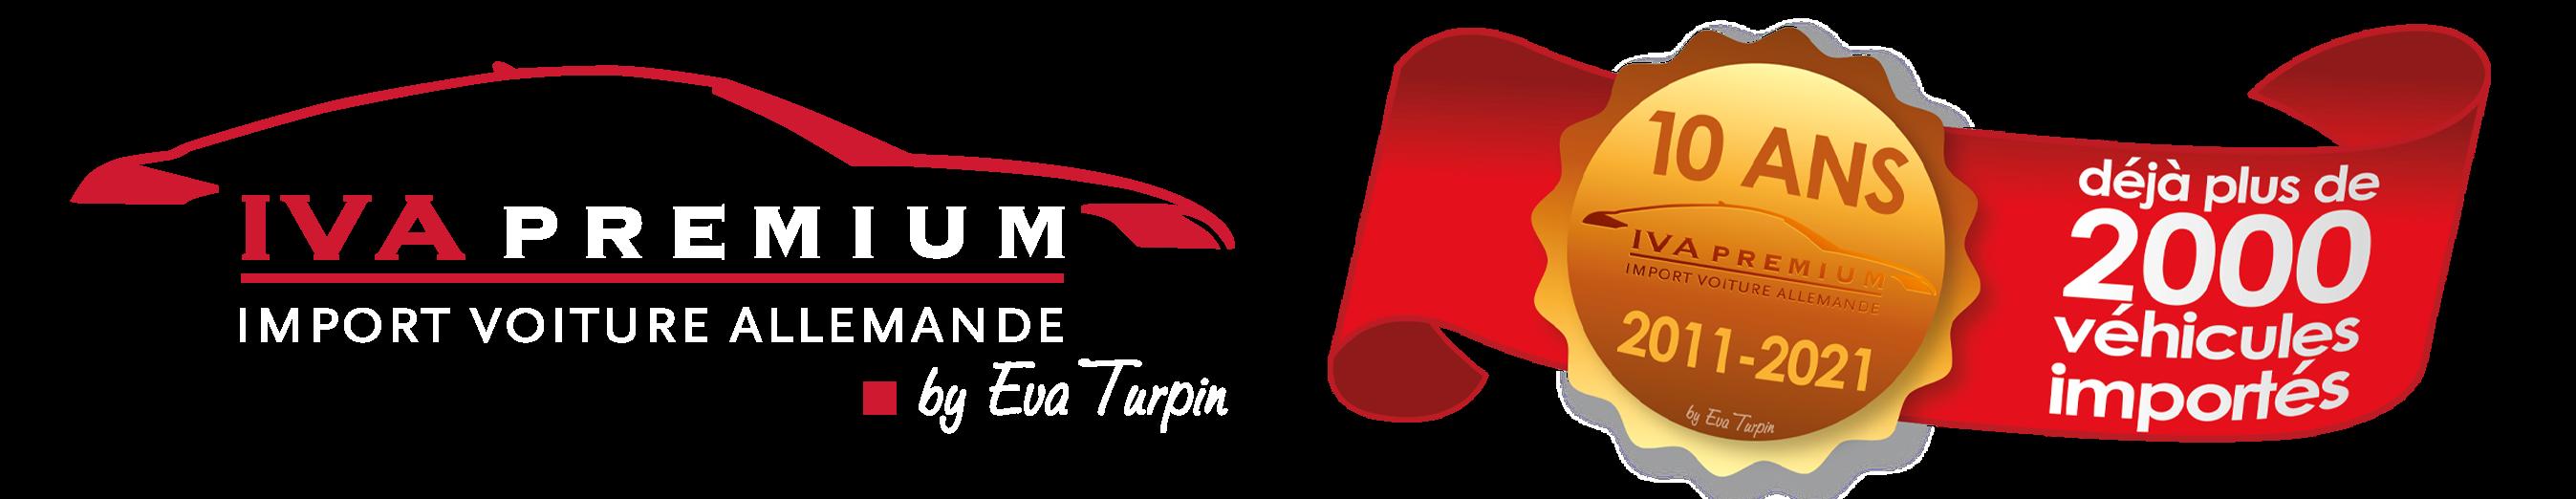 IVA-PREMIUM-LARGE